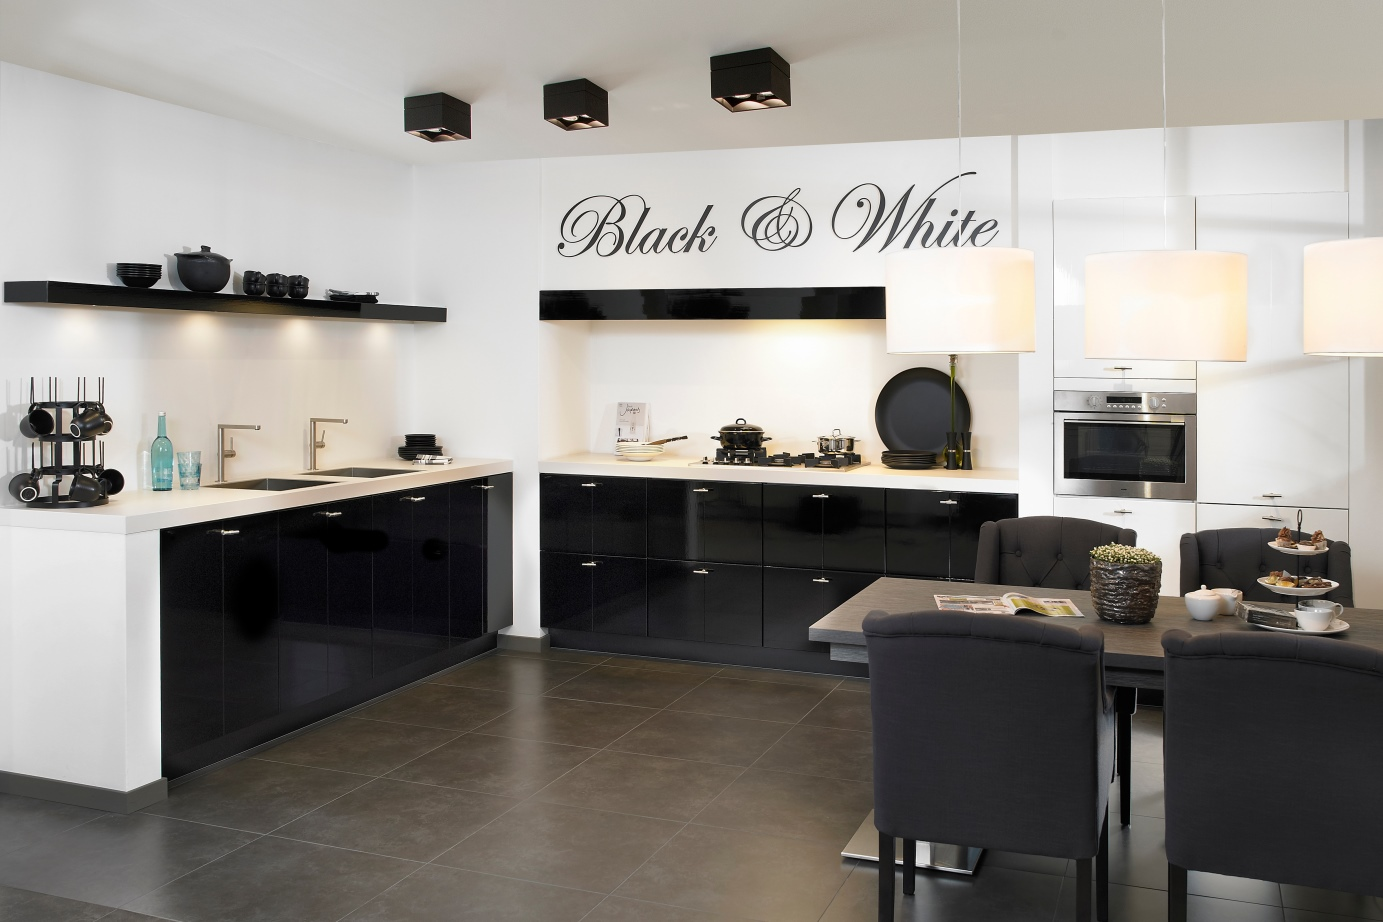 Kosten Luxe Keuken : Onze luxe keukens zijn puur perfect en passend ardi